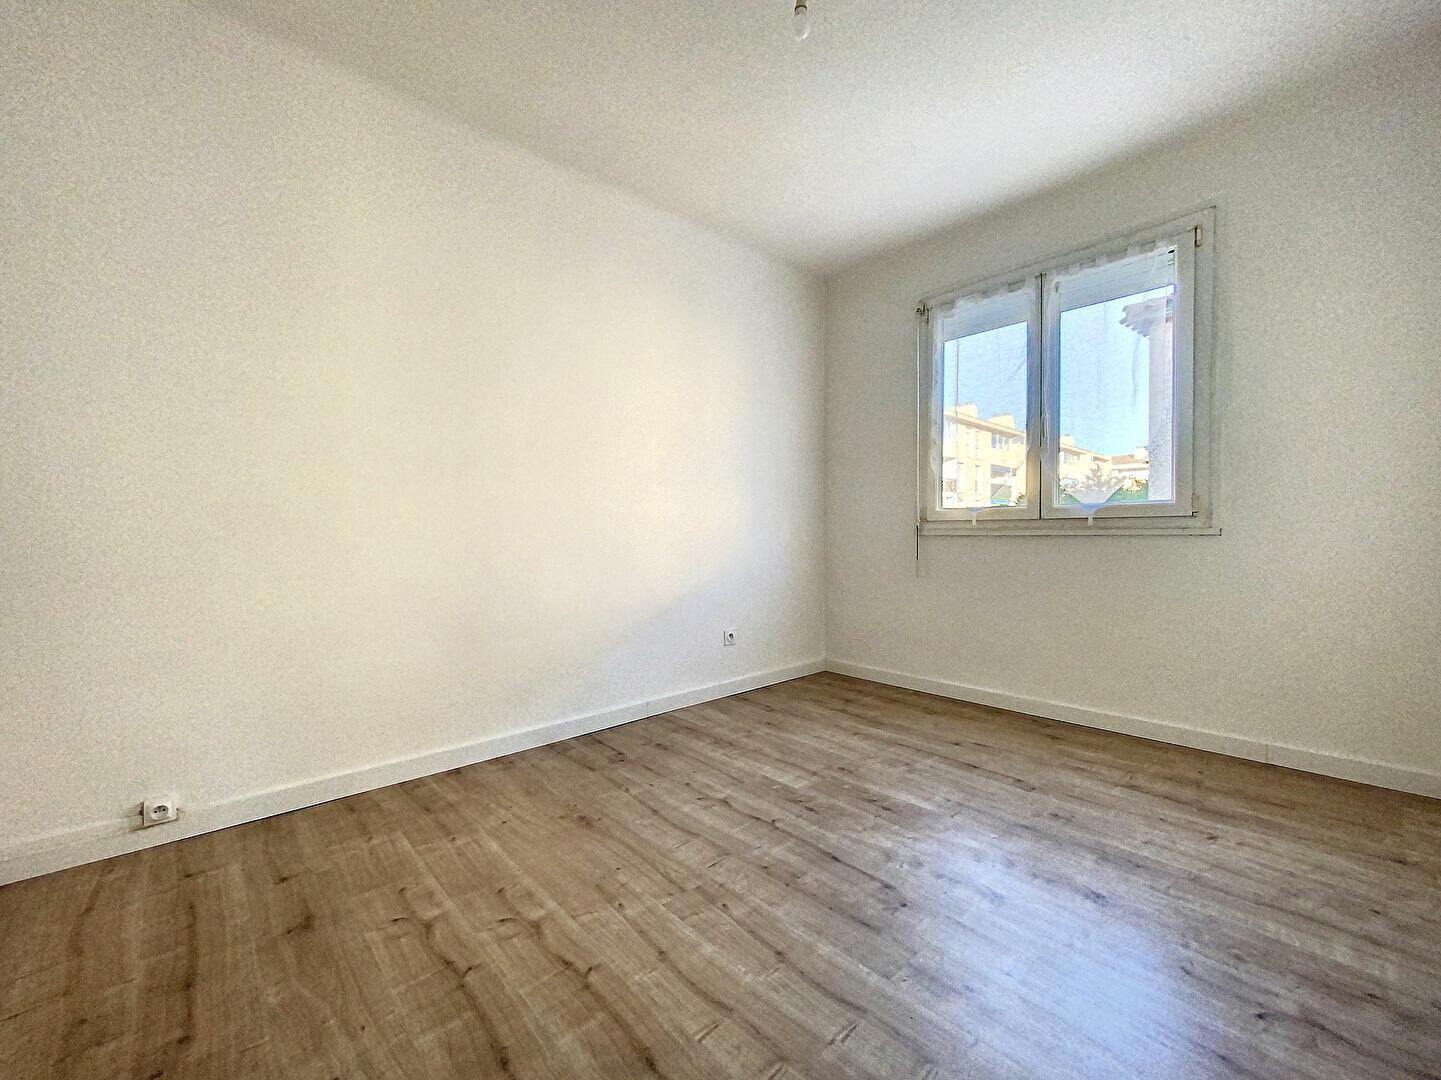 Appartement à louer 2 40.52m2 à Perpignan vignette-4